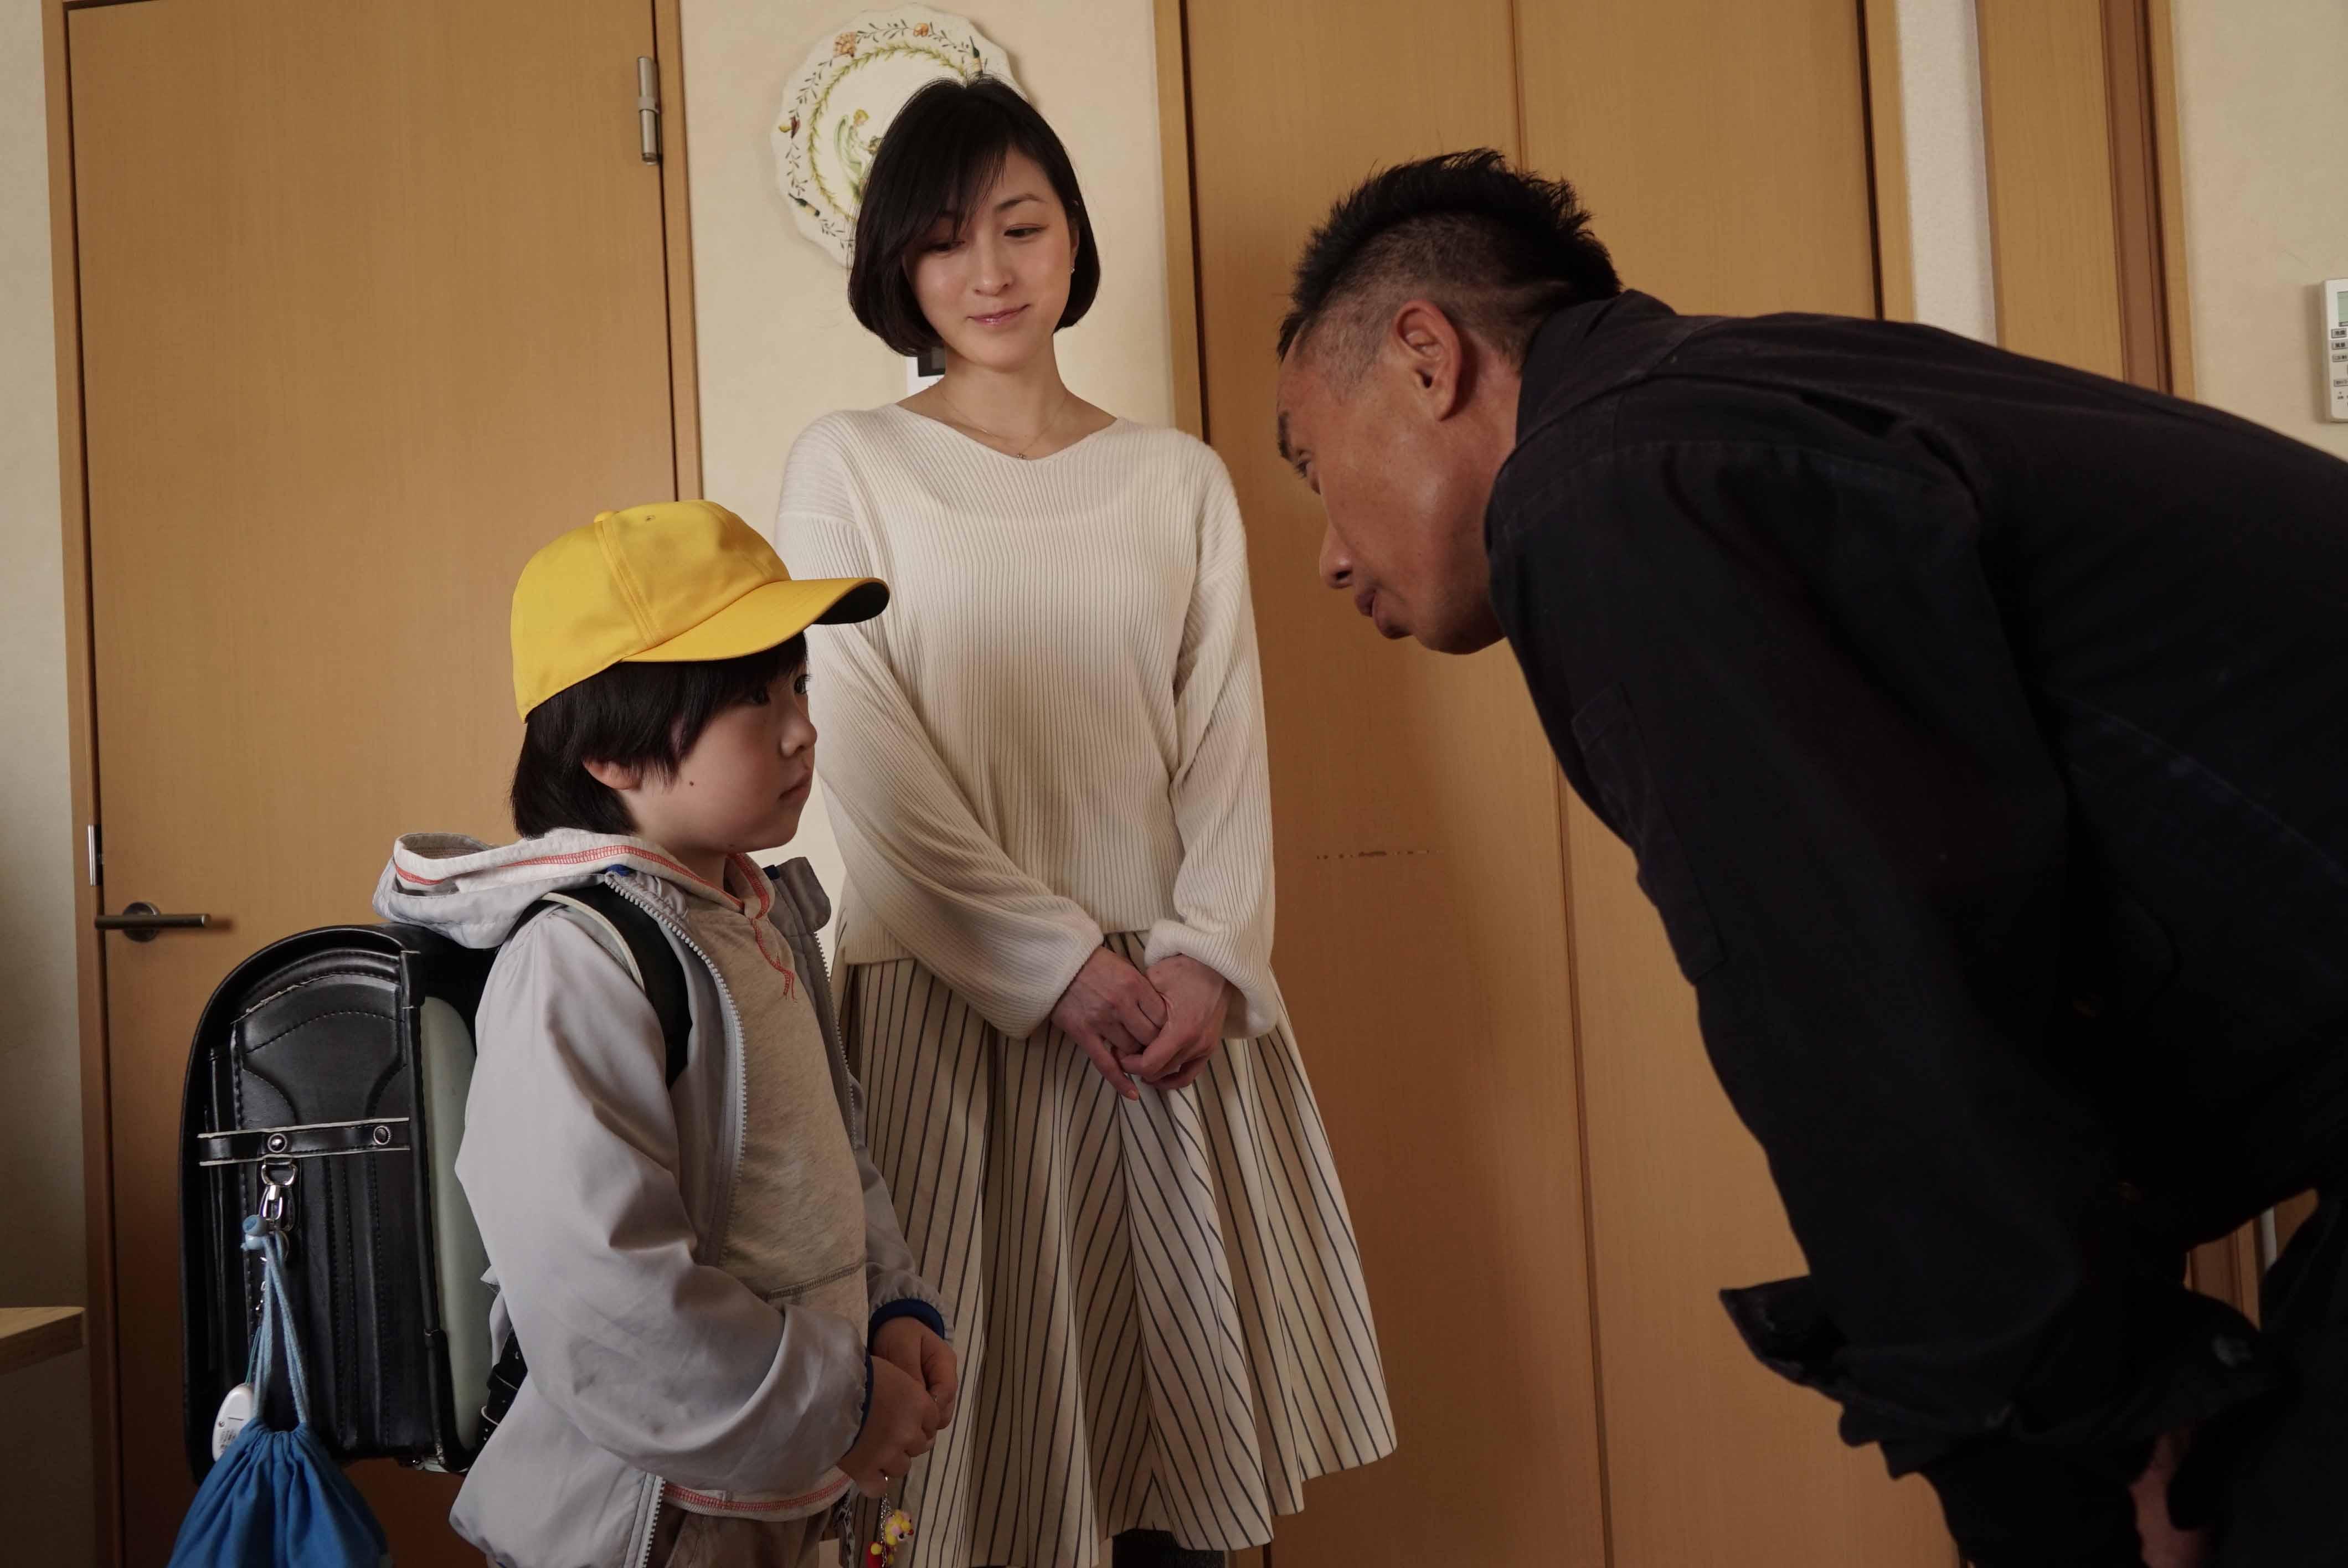 回想與長渕剛(右)一起演戲的過程,廣末涼子(中)表示自己常常被長渕剛脫口而出的話語感動